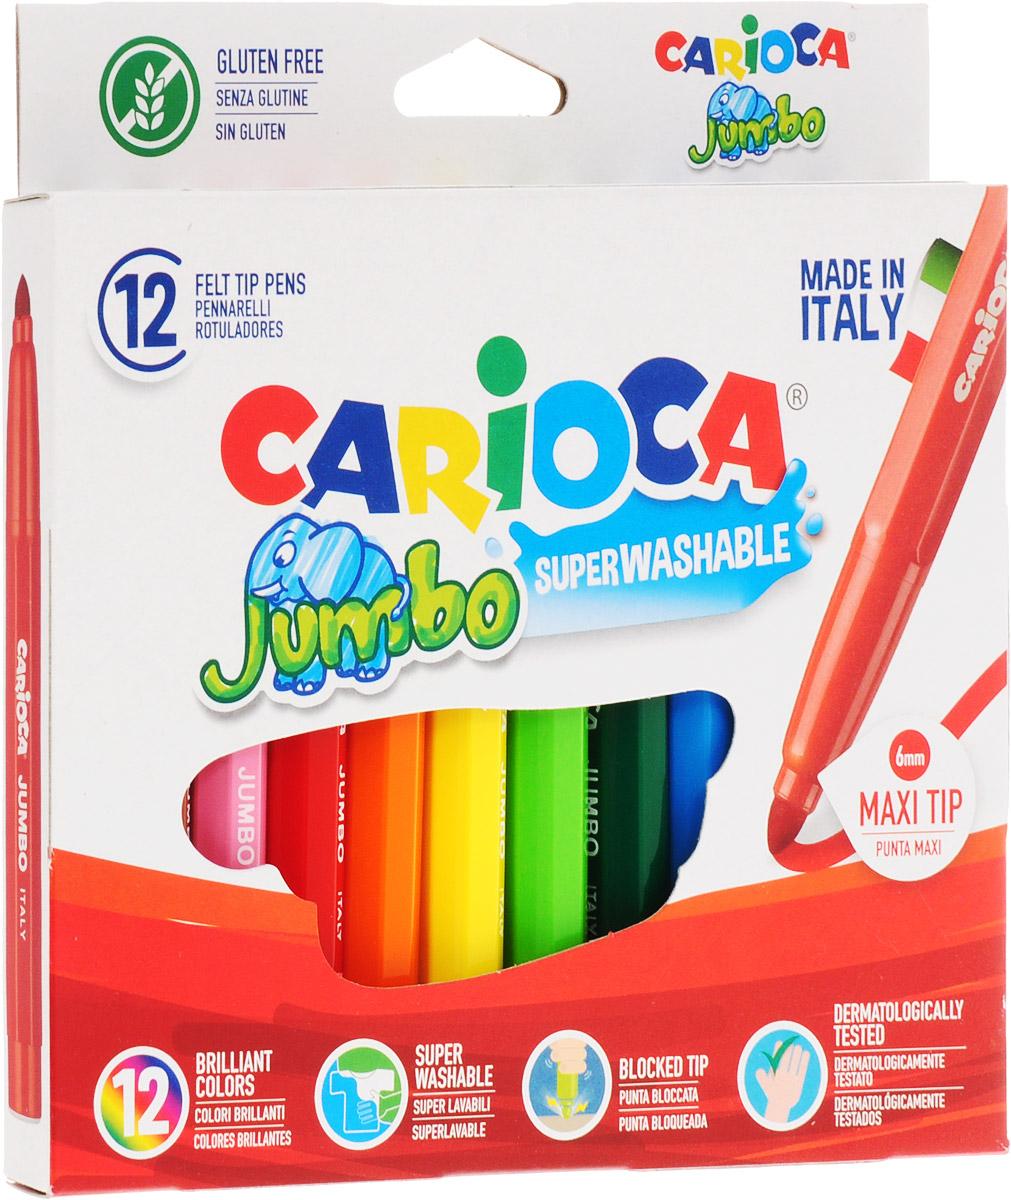 Фломастеры Carioca Jumbo, непременно, понравятся вашему юному художнику.  Набор включает в себя 6 ярких цветных фломастеров в удобном утолщенном корпусе с чернилами на водной основе и безопасными вентилируемыми колпачками. Такие фломастеры идеально подходят для малышей.  Порадуйте своего ребенка таким замечательным подарком! Характеристики:    Длина фломастера: 14 см.  Диаметр фломастера: 1,2 см.  Диаметр наконечника: 0,4 см. Размер упаковки: 17,5 см х 15 см х 1,5 см.Уважаемые клиенты! Обращаем ваше внимание на то, что упаковка может иметь несколько видов дизайна. Поставка осуществляется в зависимости от наличия на складе.